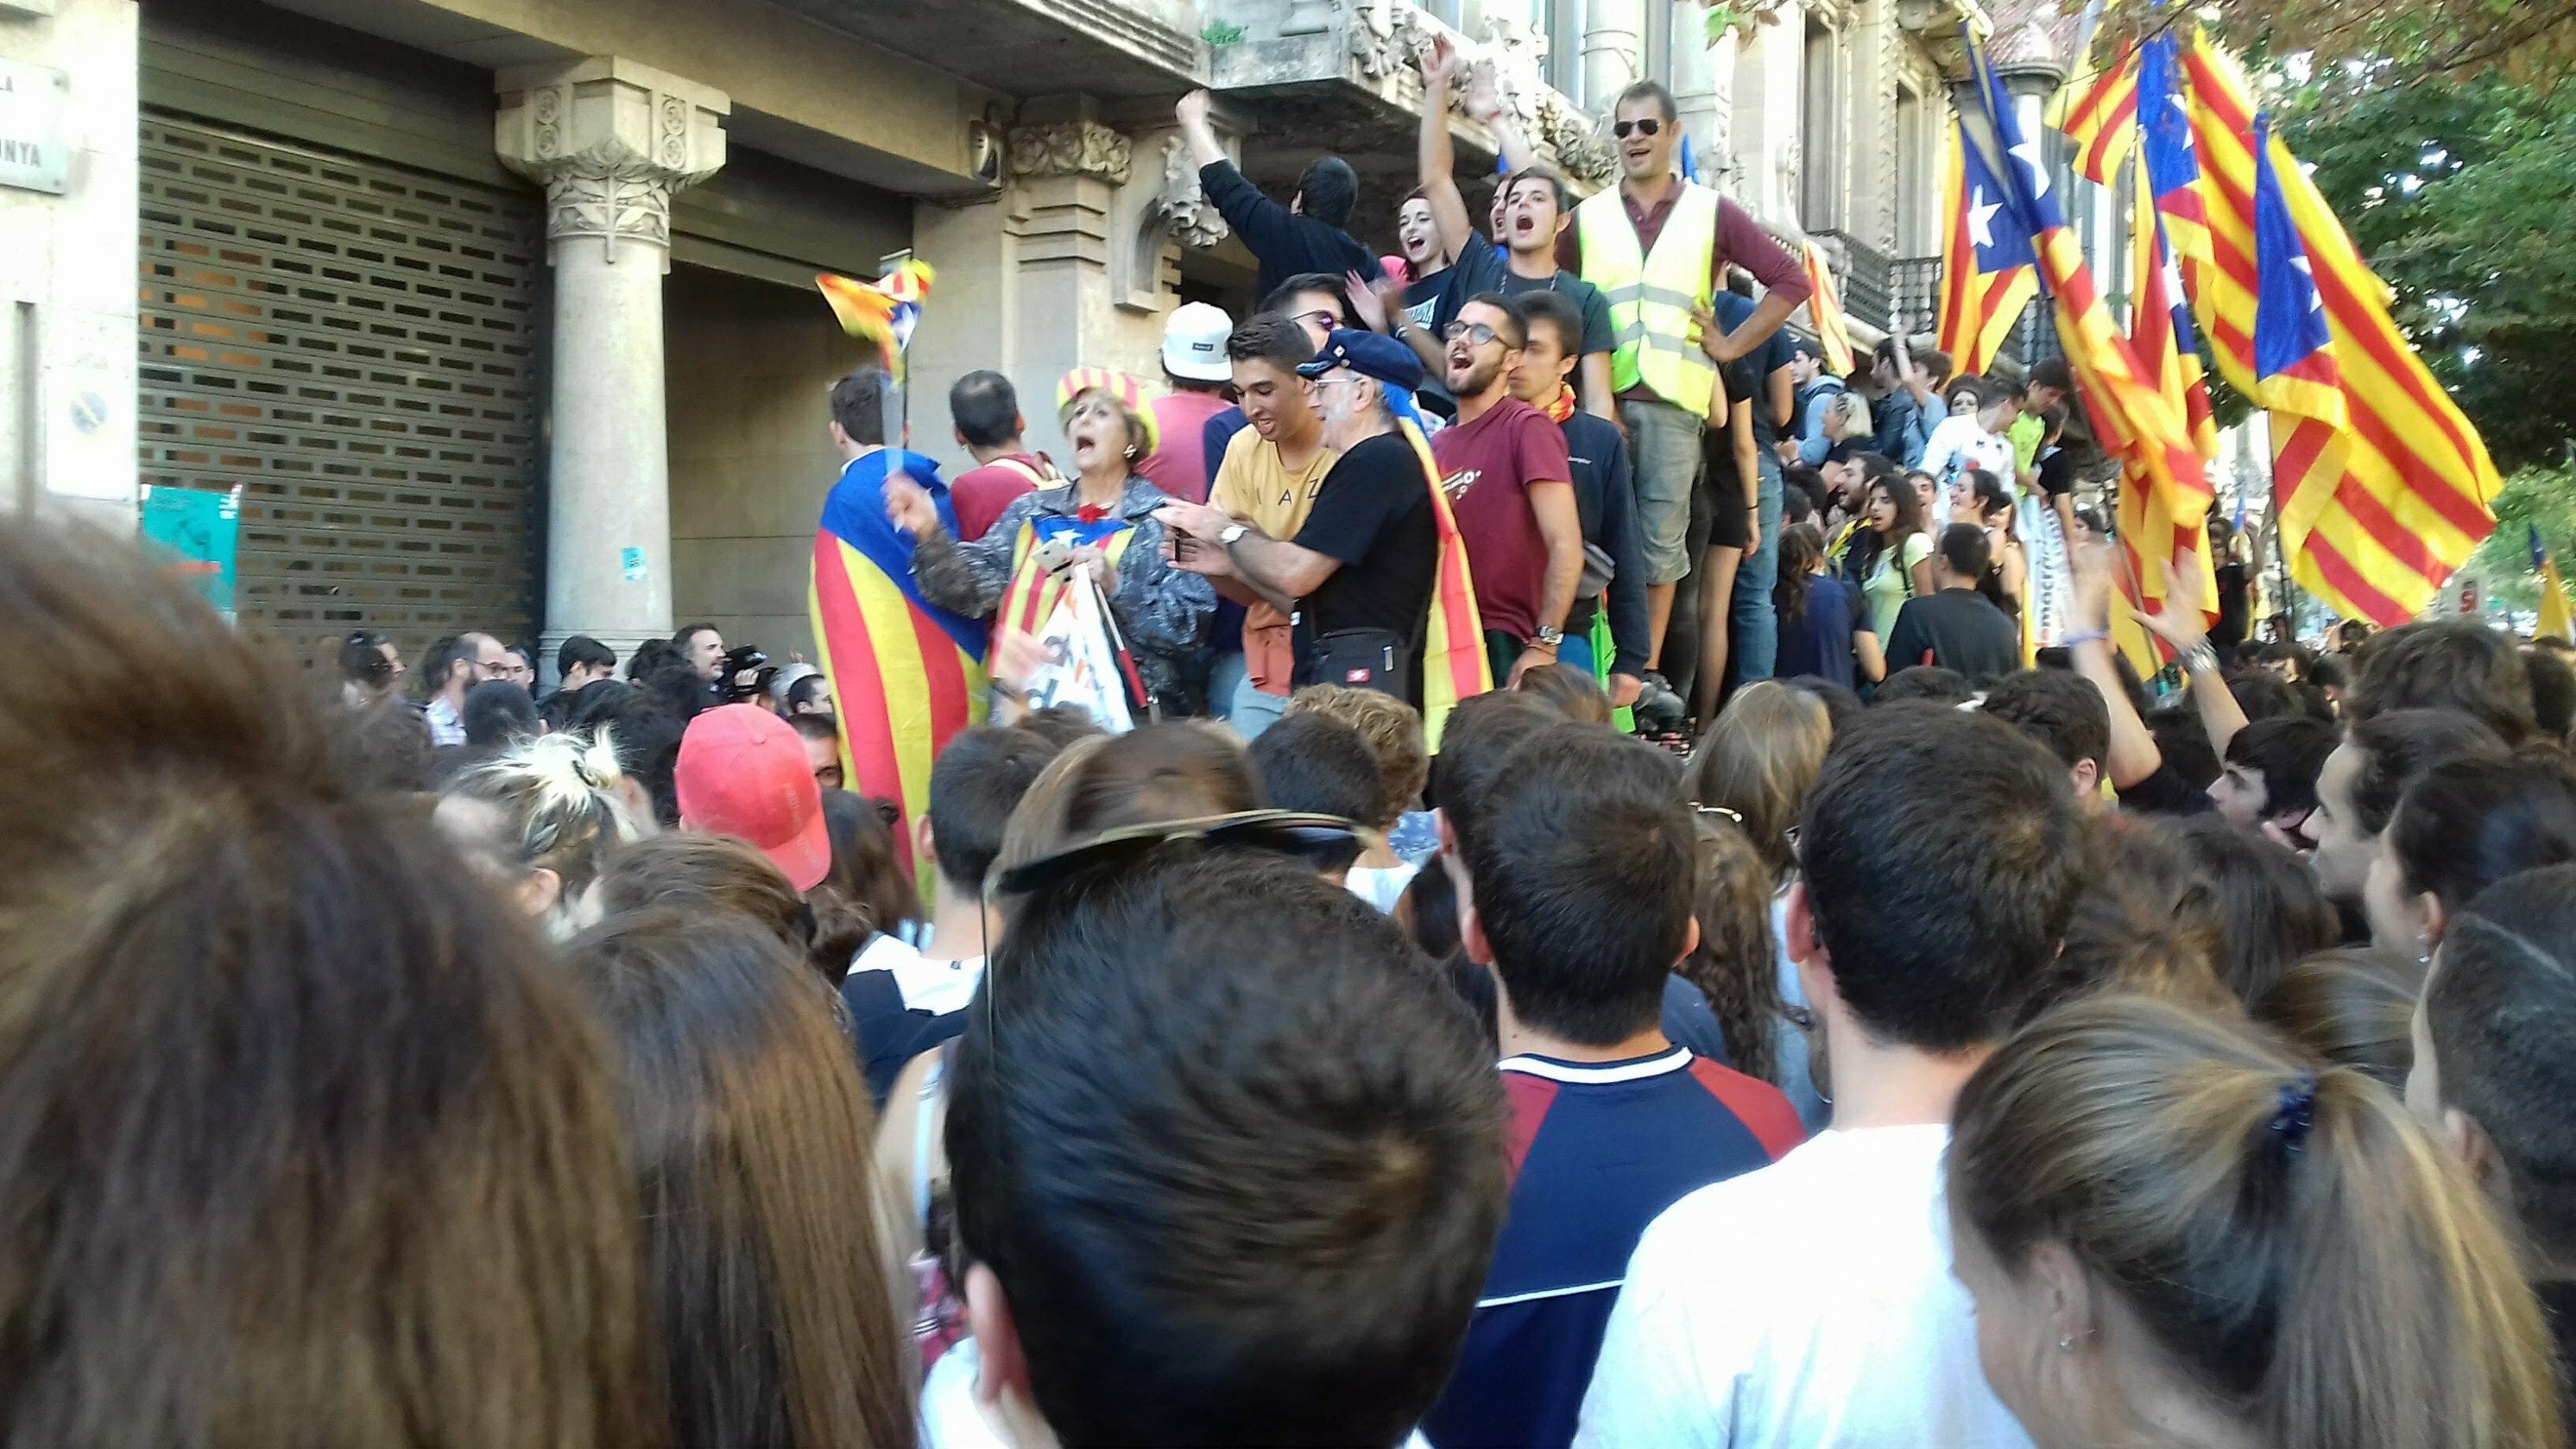 Menschen mit katalanischen Pro-Unabhängigkeitsfahnen demonstrieren vor dem katalanischen Wirtschaftsministerium gegen polizeiliche Durchsuchungen.